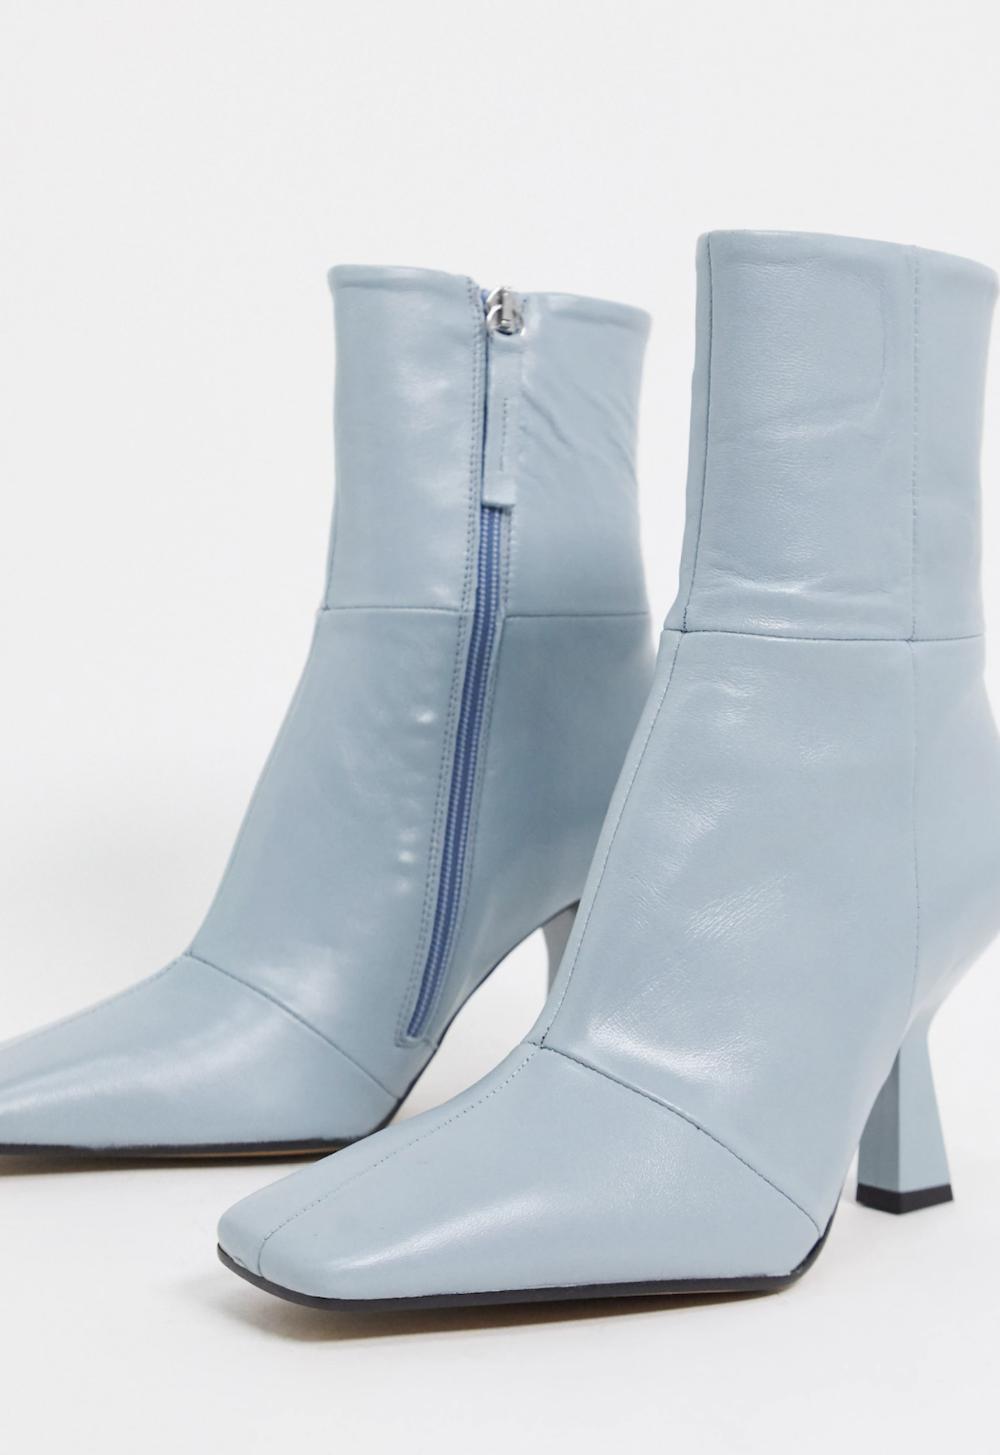 Botas de tacón con puntera cuadrada de cuero premium en azul claro Elodie de ASOS DESIGN